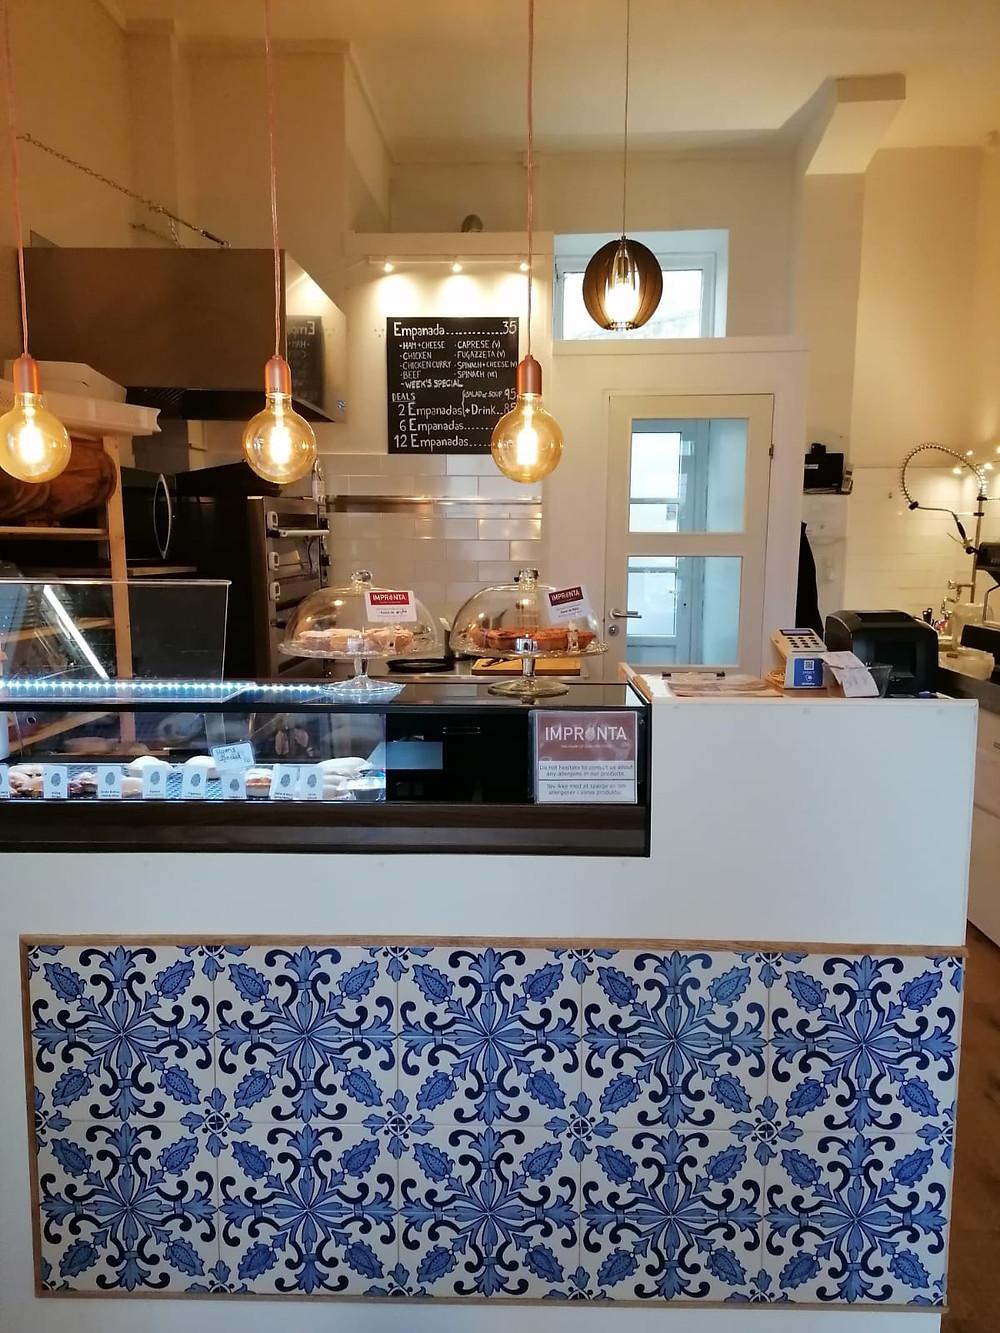 Españoles Dinamarca networking productos gastronomía Copenhague